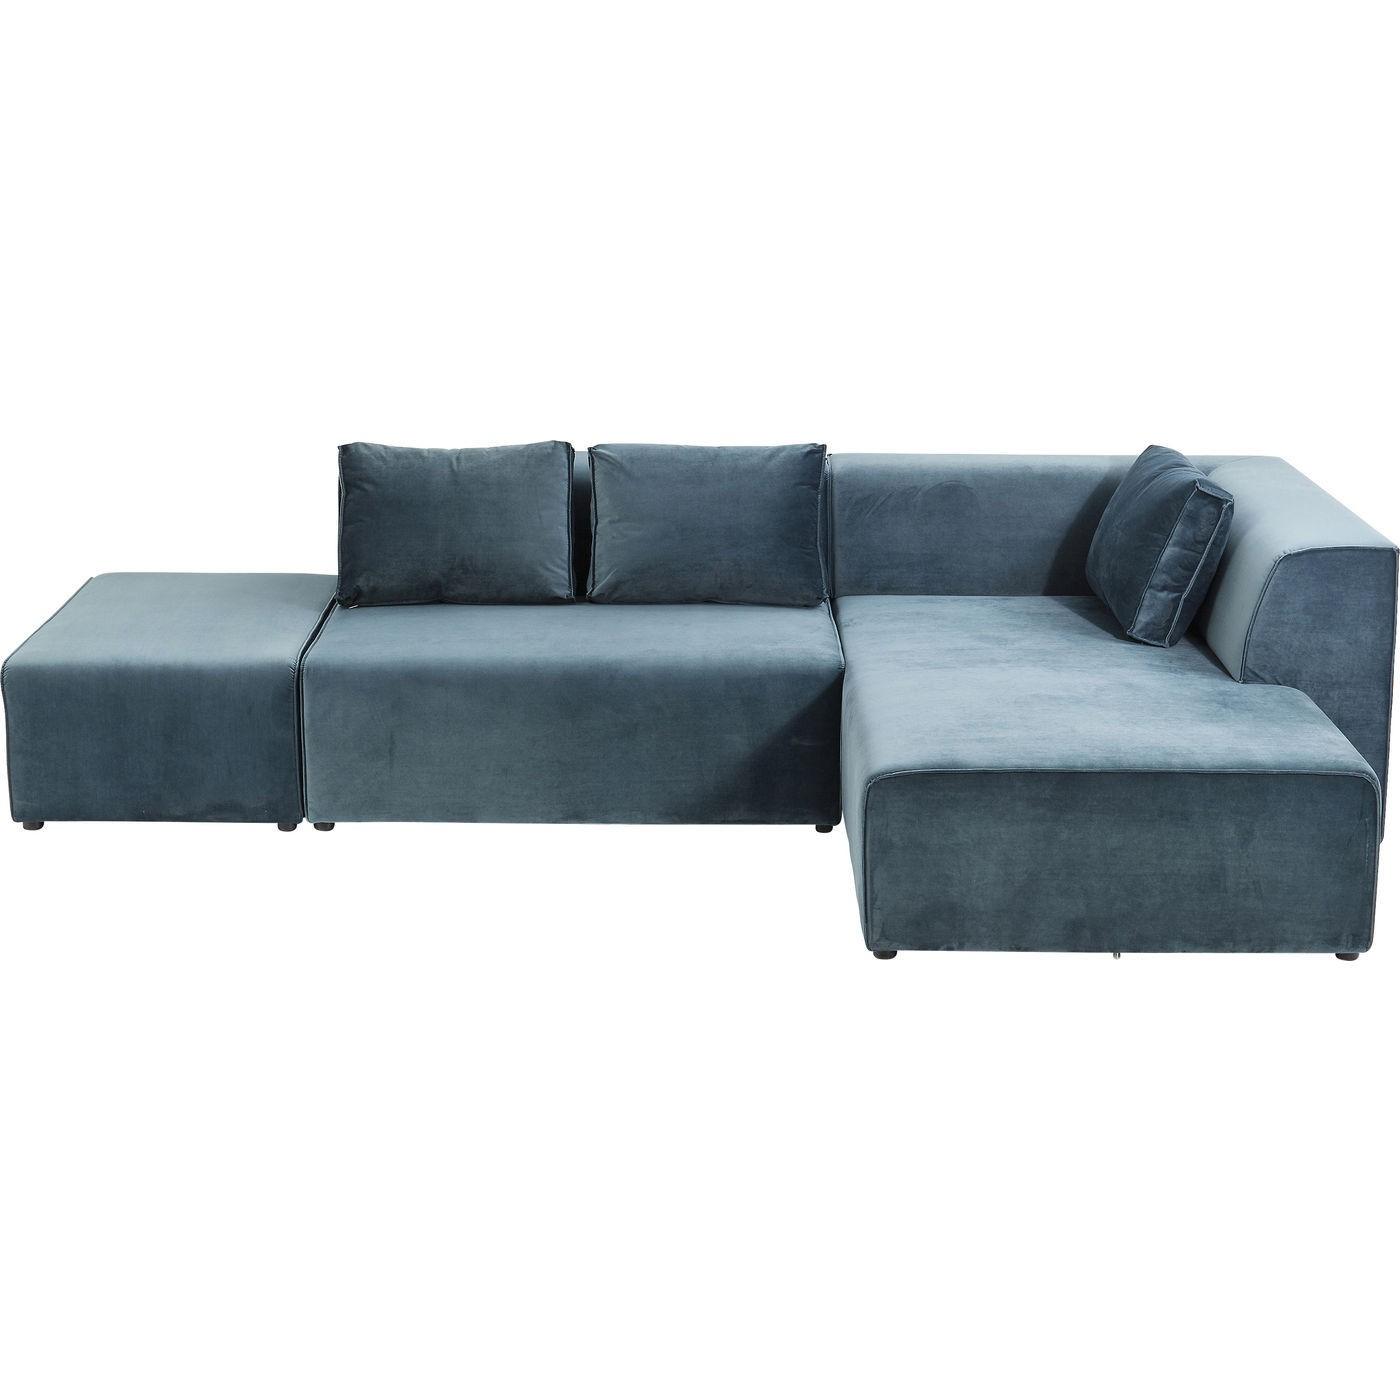 Canapé d'angle 4 places Bleu Tissu Confort